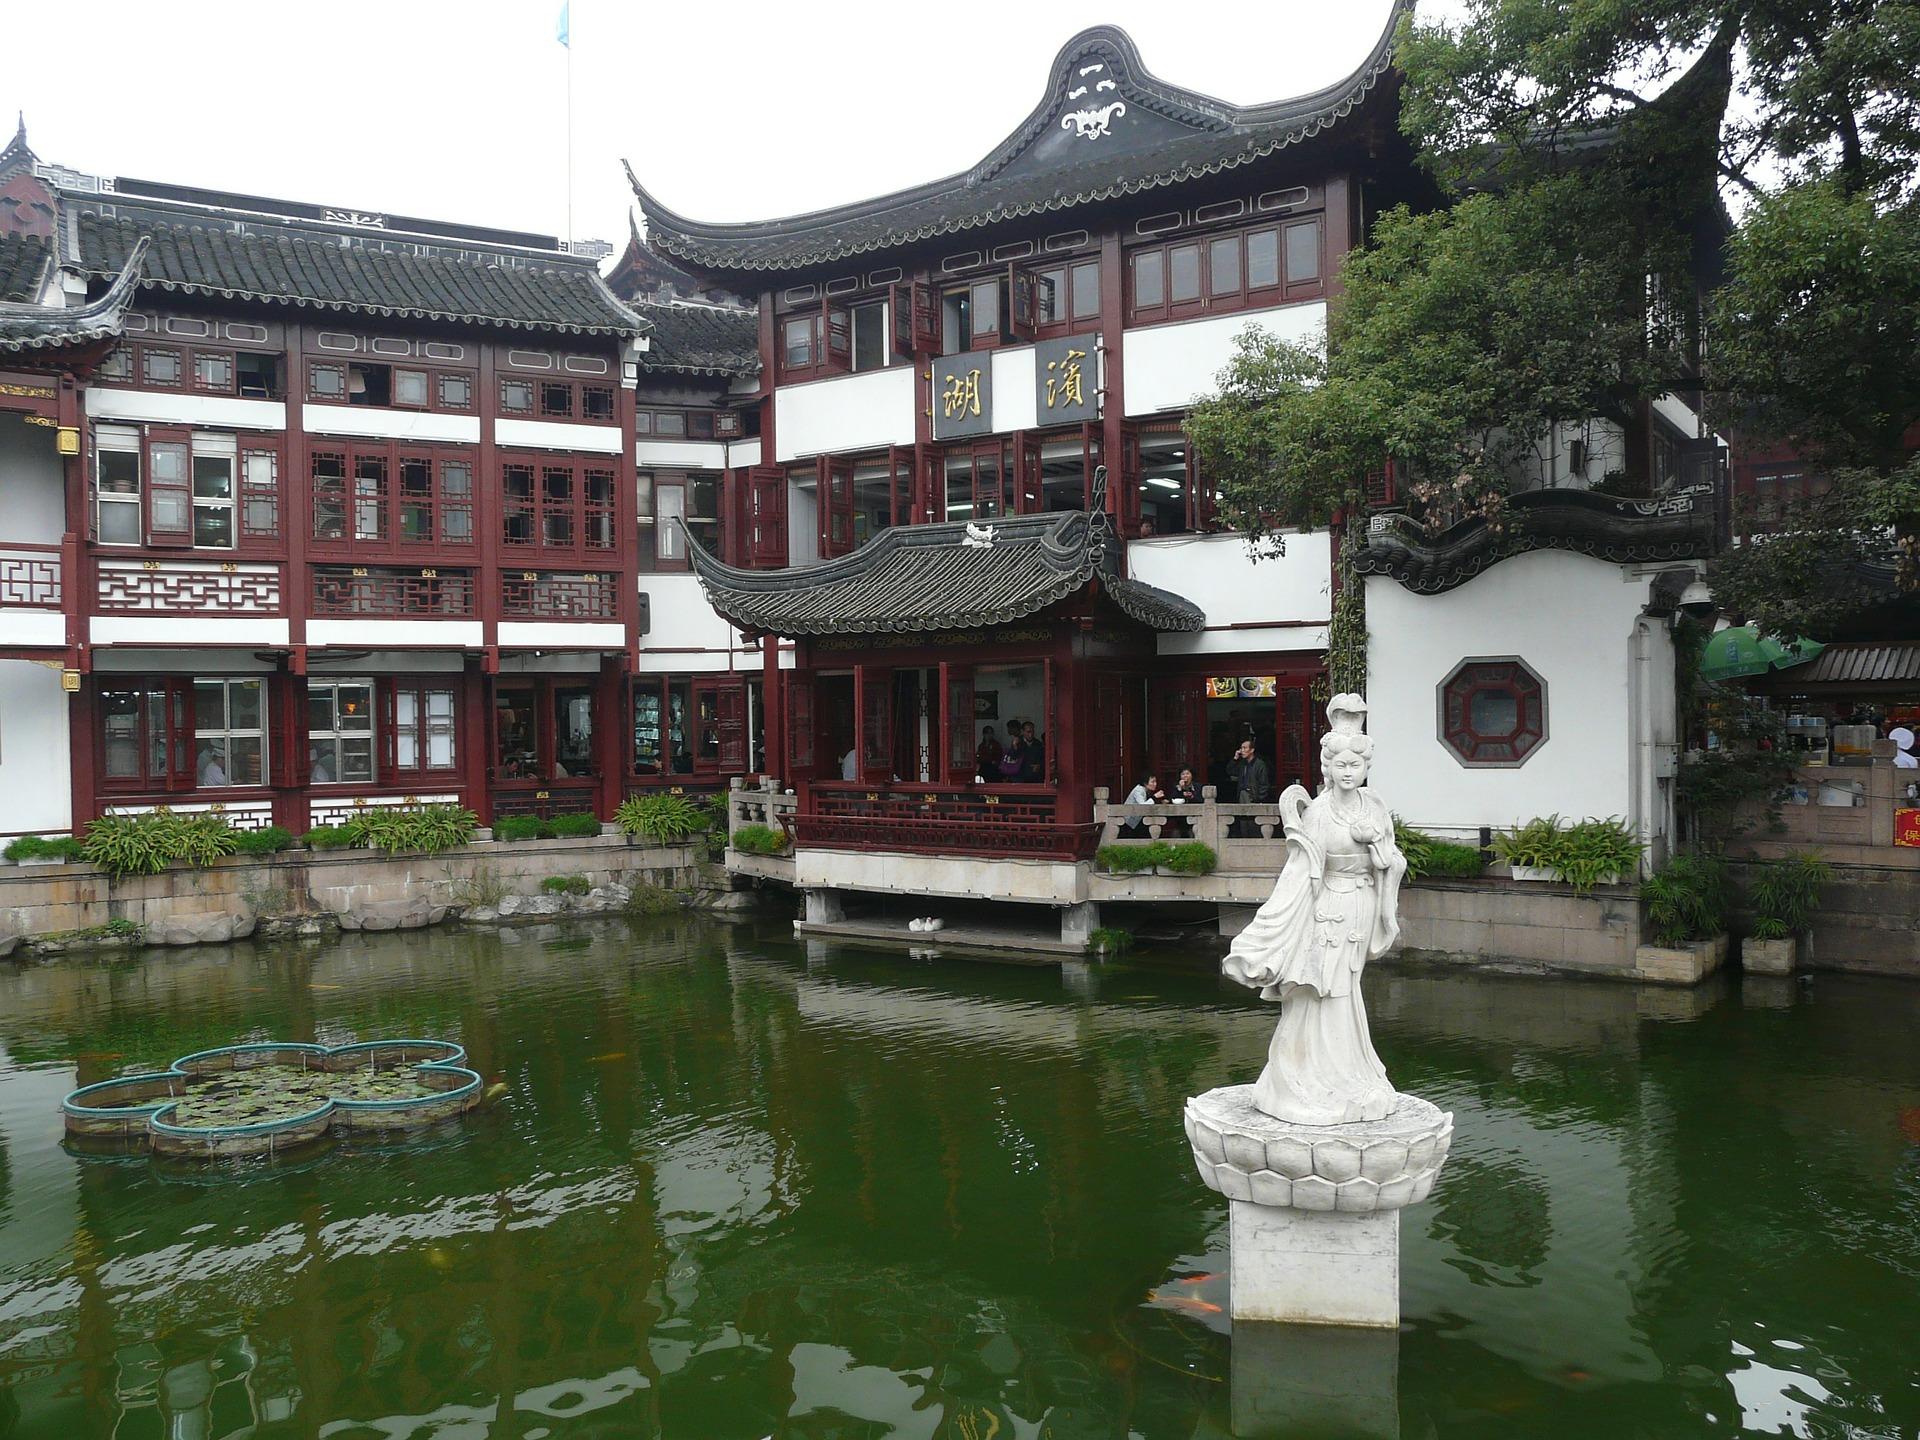 shanghai-77851_1920